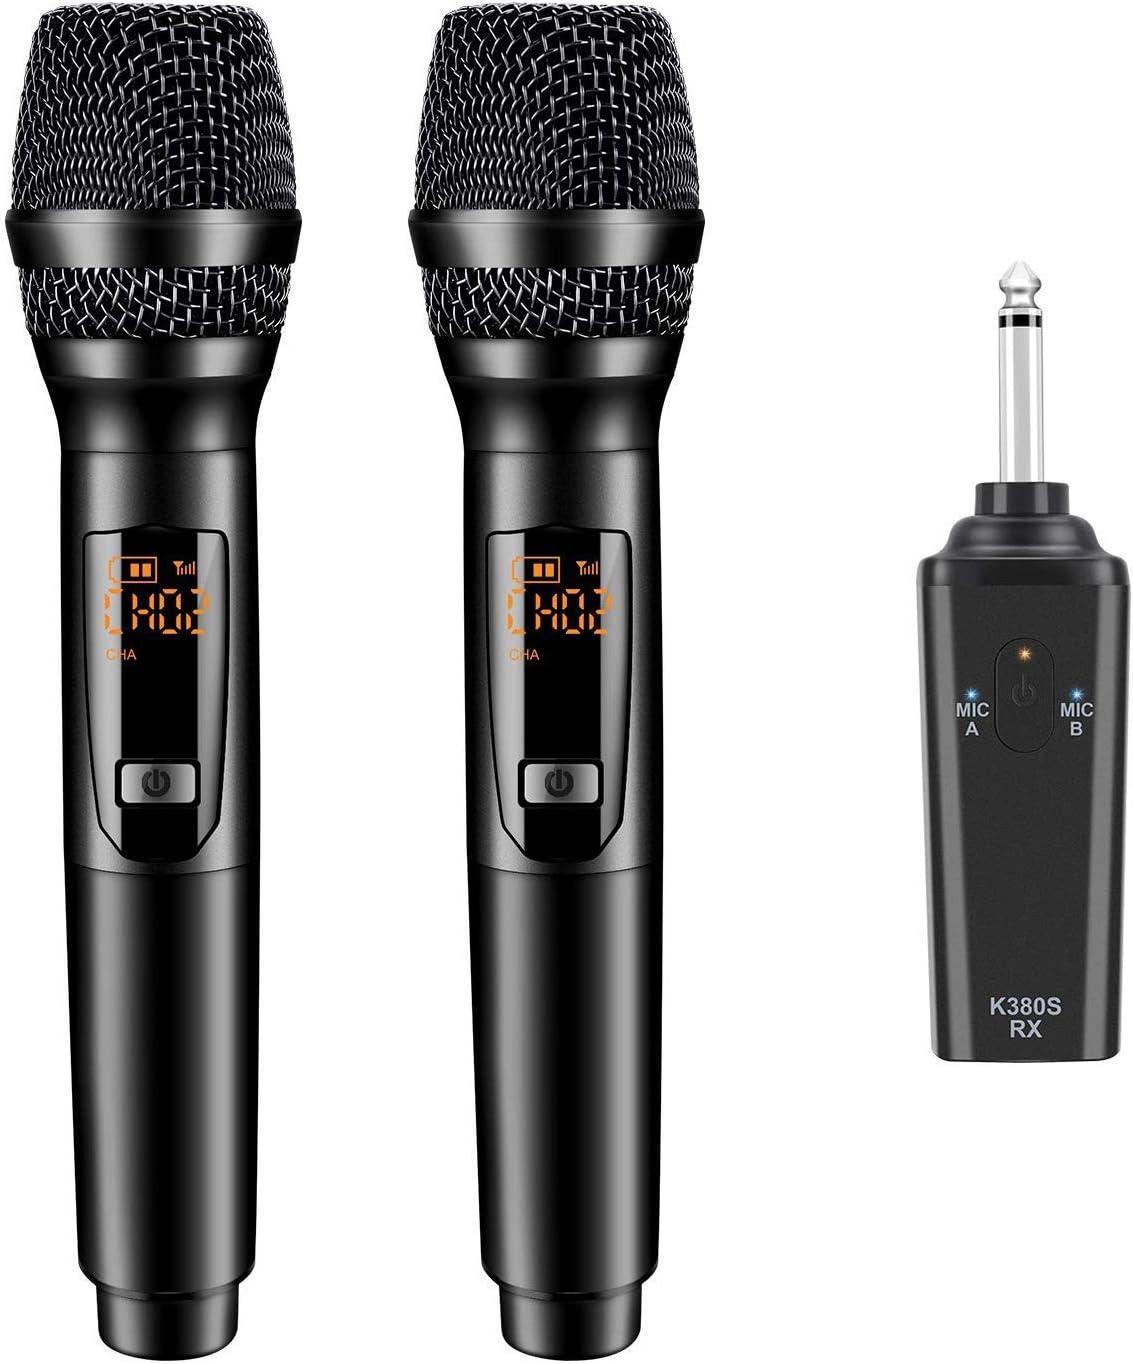 Gifort Micrófonos dinámicos profesionales de mano UHF de 10 canales con mini receptor portátil naranja